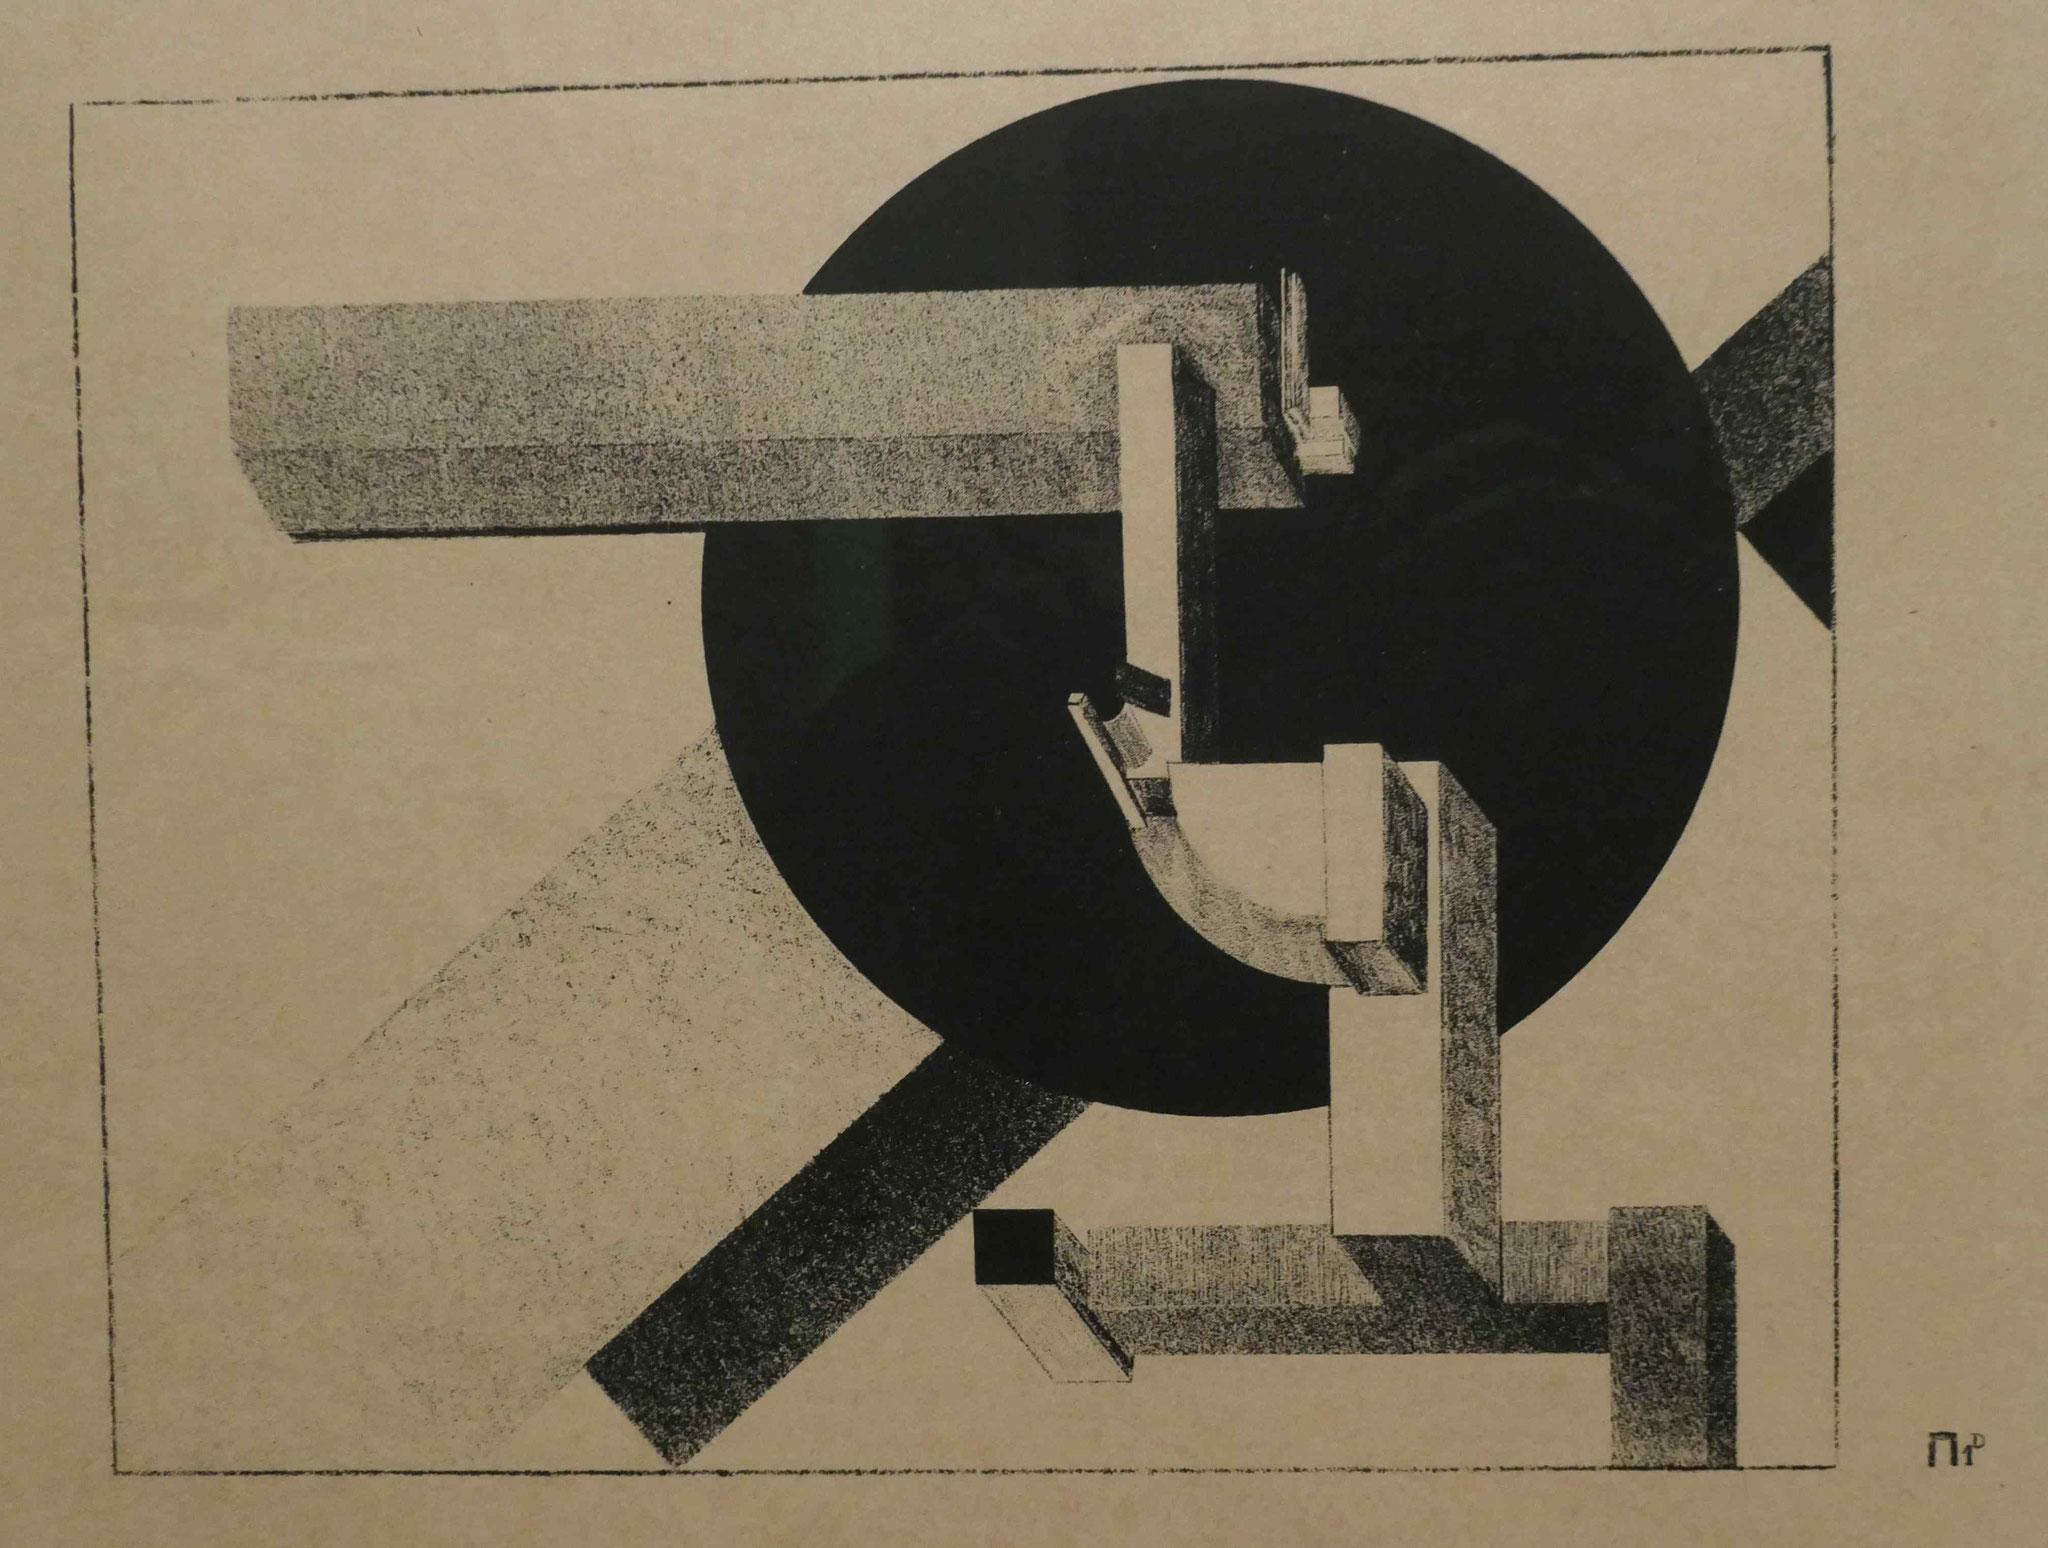 El Lisitzky,  Proun-Mappe, 1921, Kupferstichkabinett Berlin